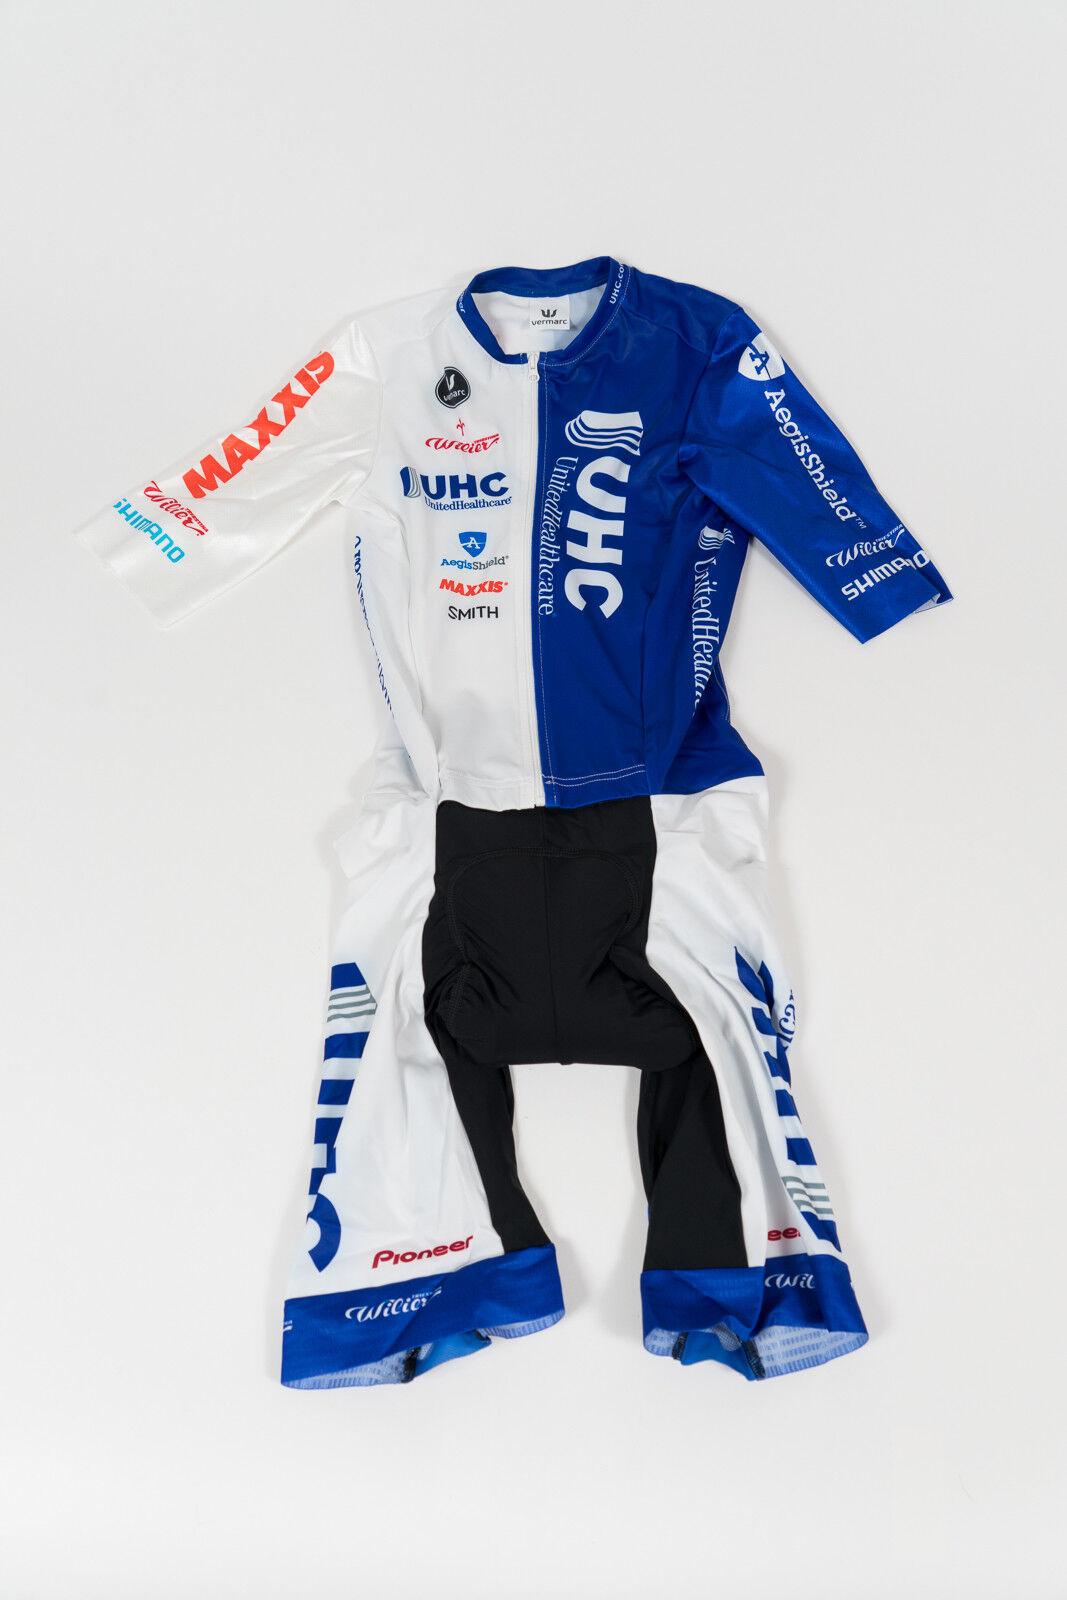 Nuevo Para hombres 2015 Vermarc UHC Pro embolsada traje para ciclismo, ciclismo manga corta Azul blancoo, Talla M